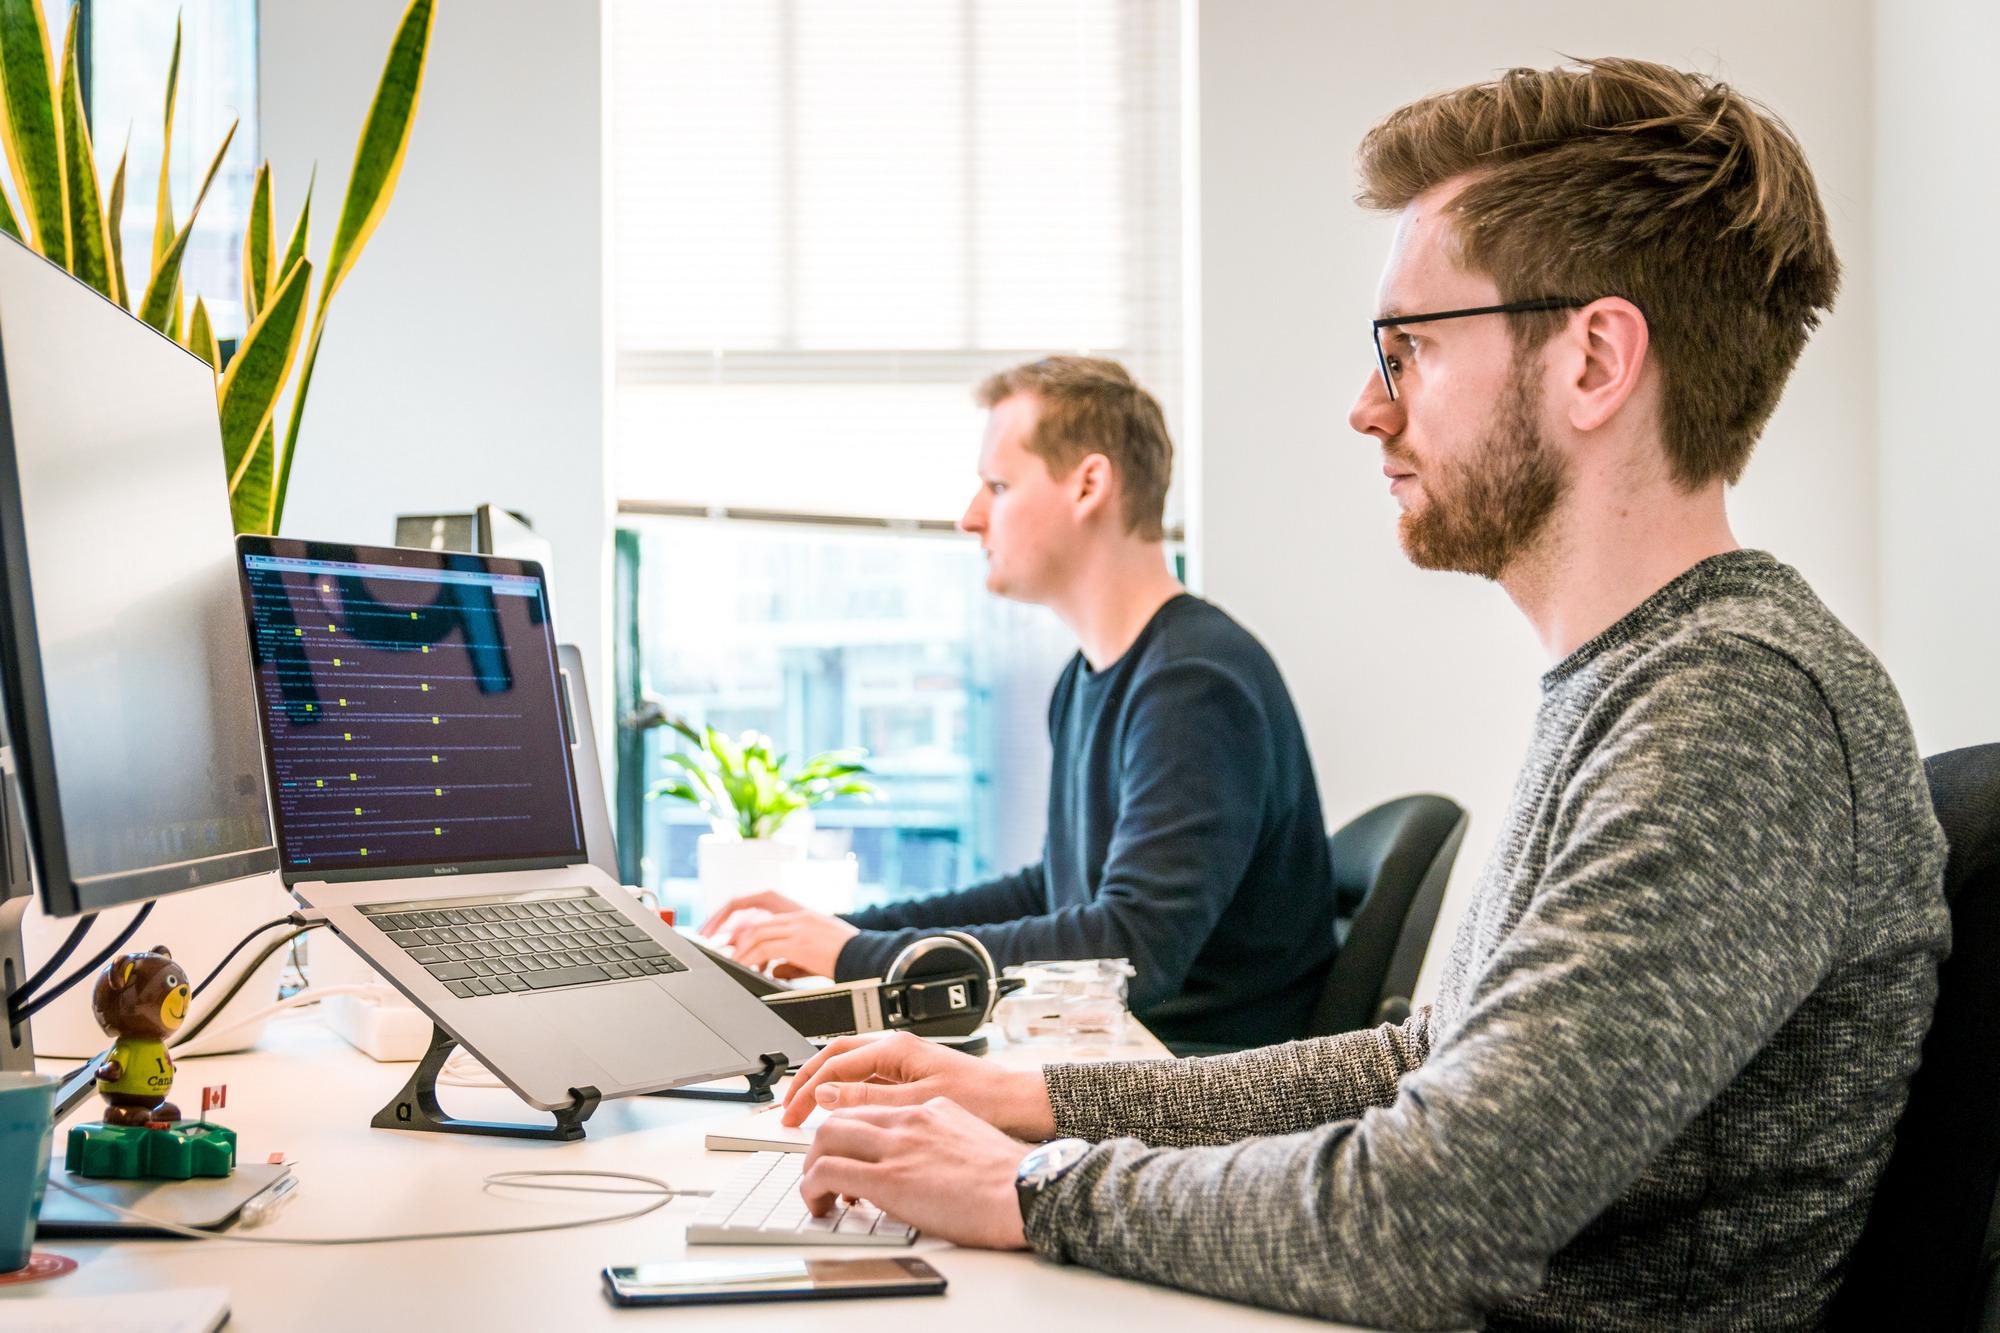 Kiedy warto zatrudnić konsultanta IT? - Zdjęcie główne